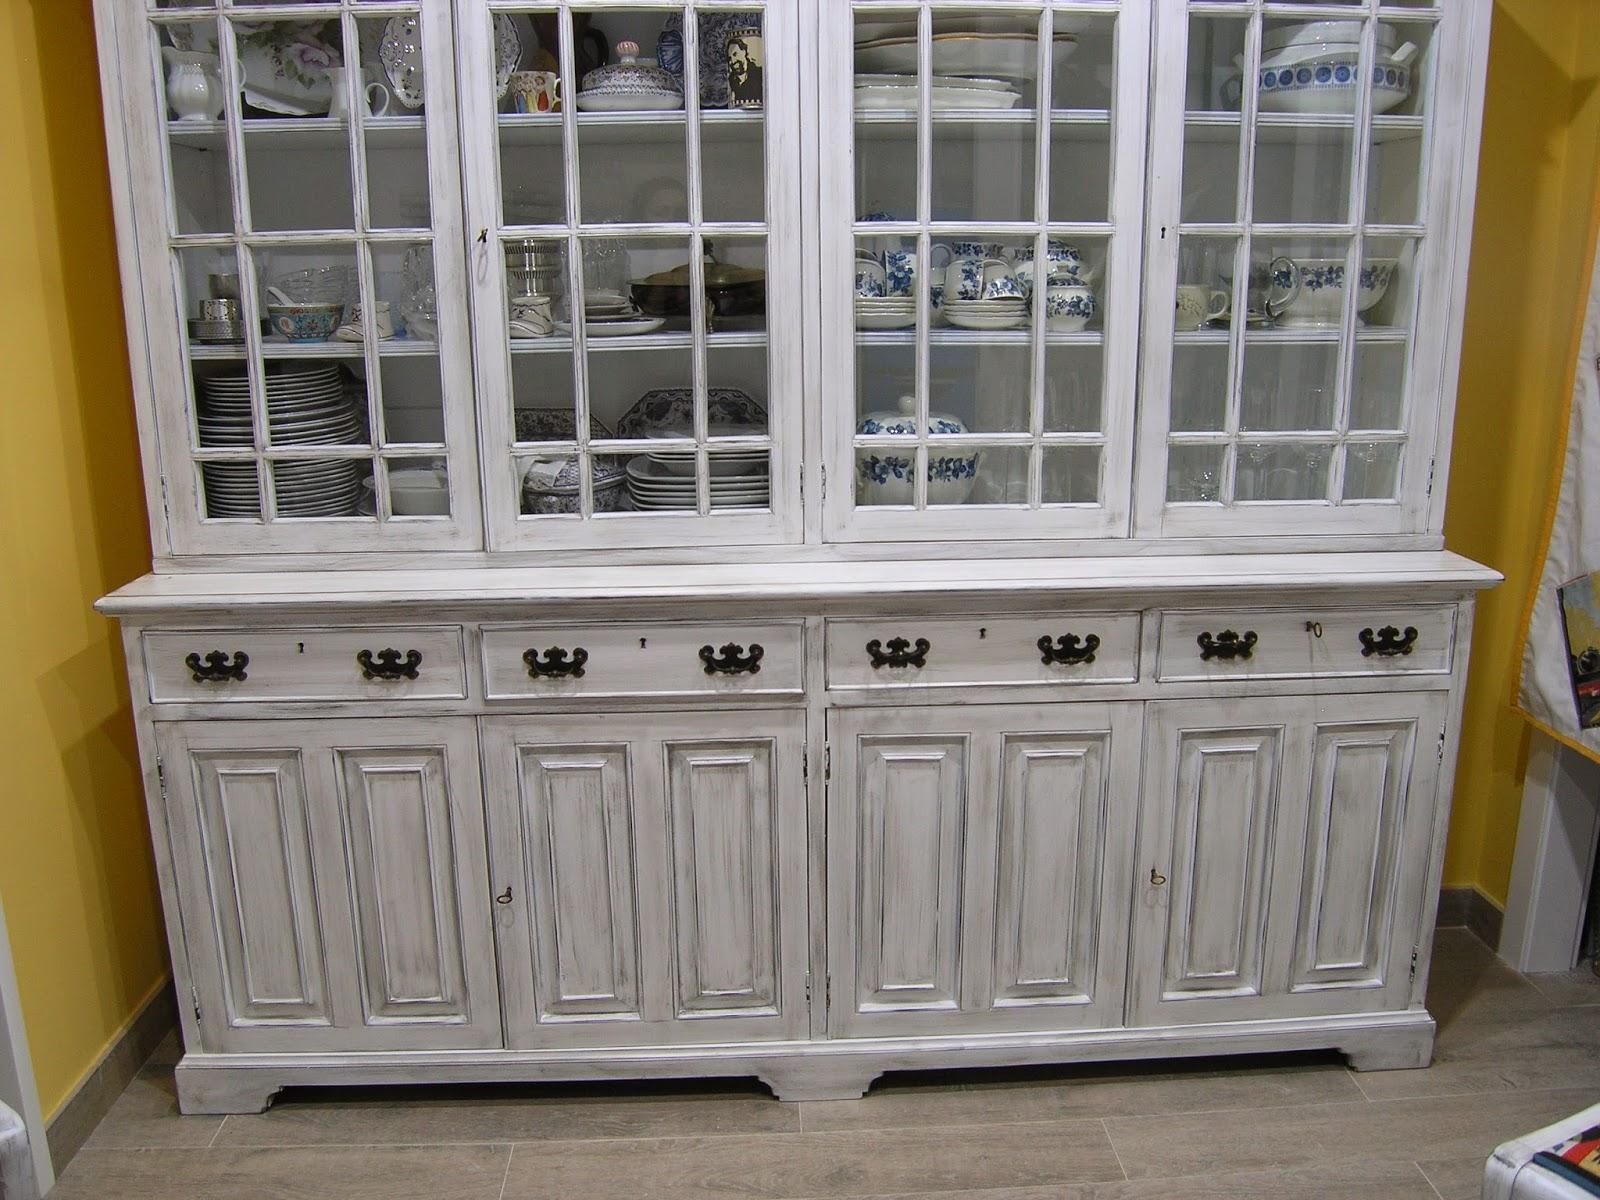 Restauraci n de mueble antiguo en valencia reciclado de - Restauracion muebles valencia ...